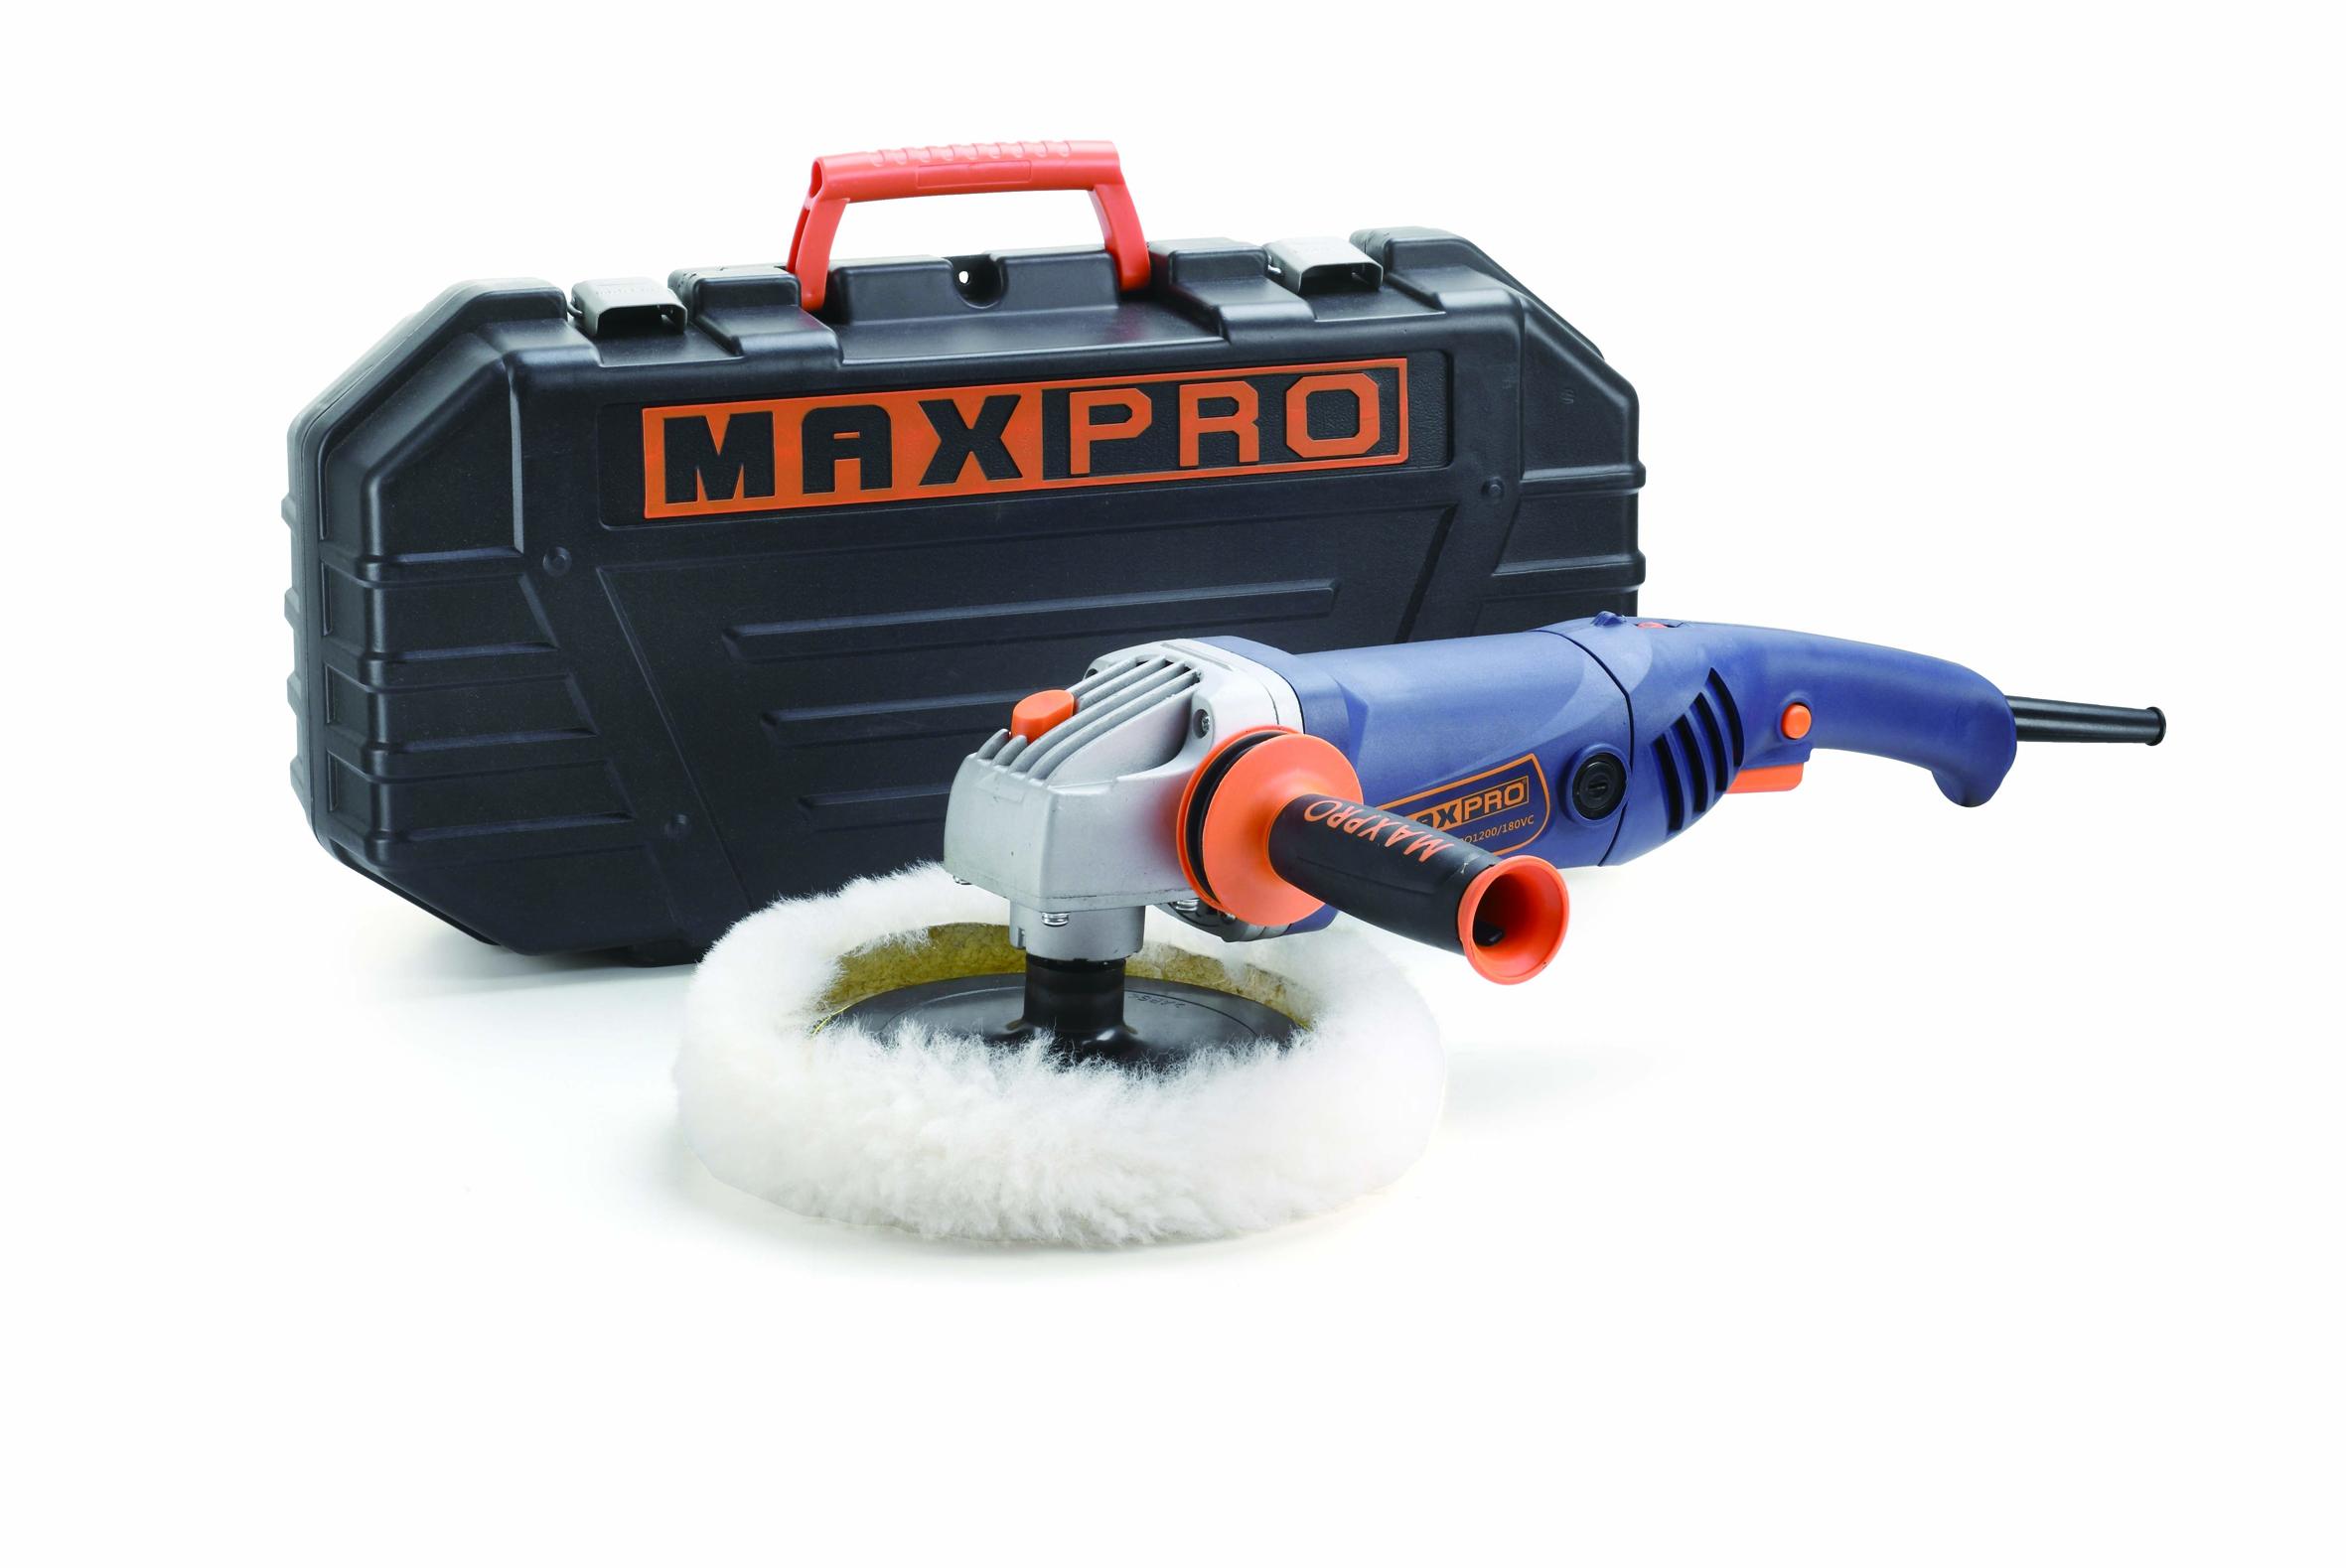 Máy đánh bóng Maxpro MPPO1200/180VC